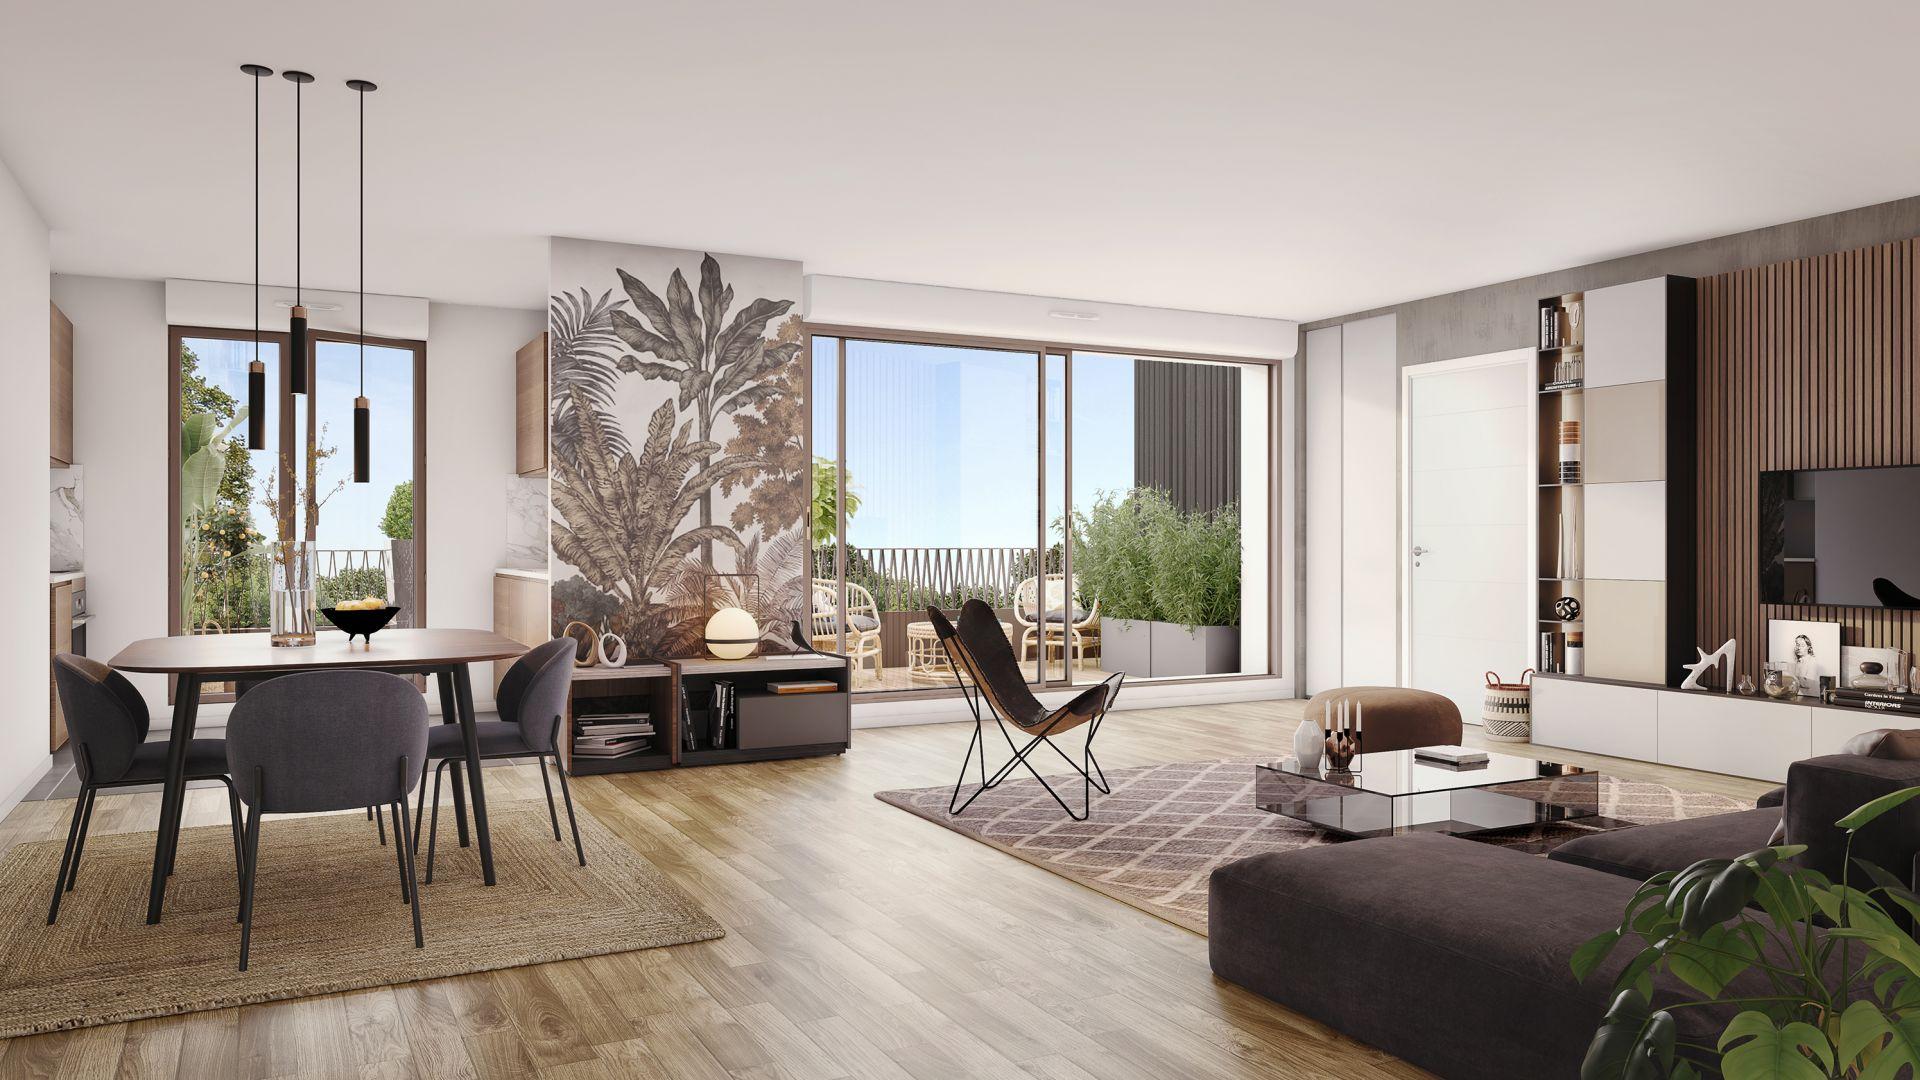 Greencity Immobilier - Résidence Carré Flore - 31700 Cornebarrieu - achat immobilier neuf - appartements et villas  du T2 au T5 - intérieur T4